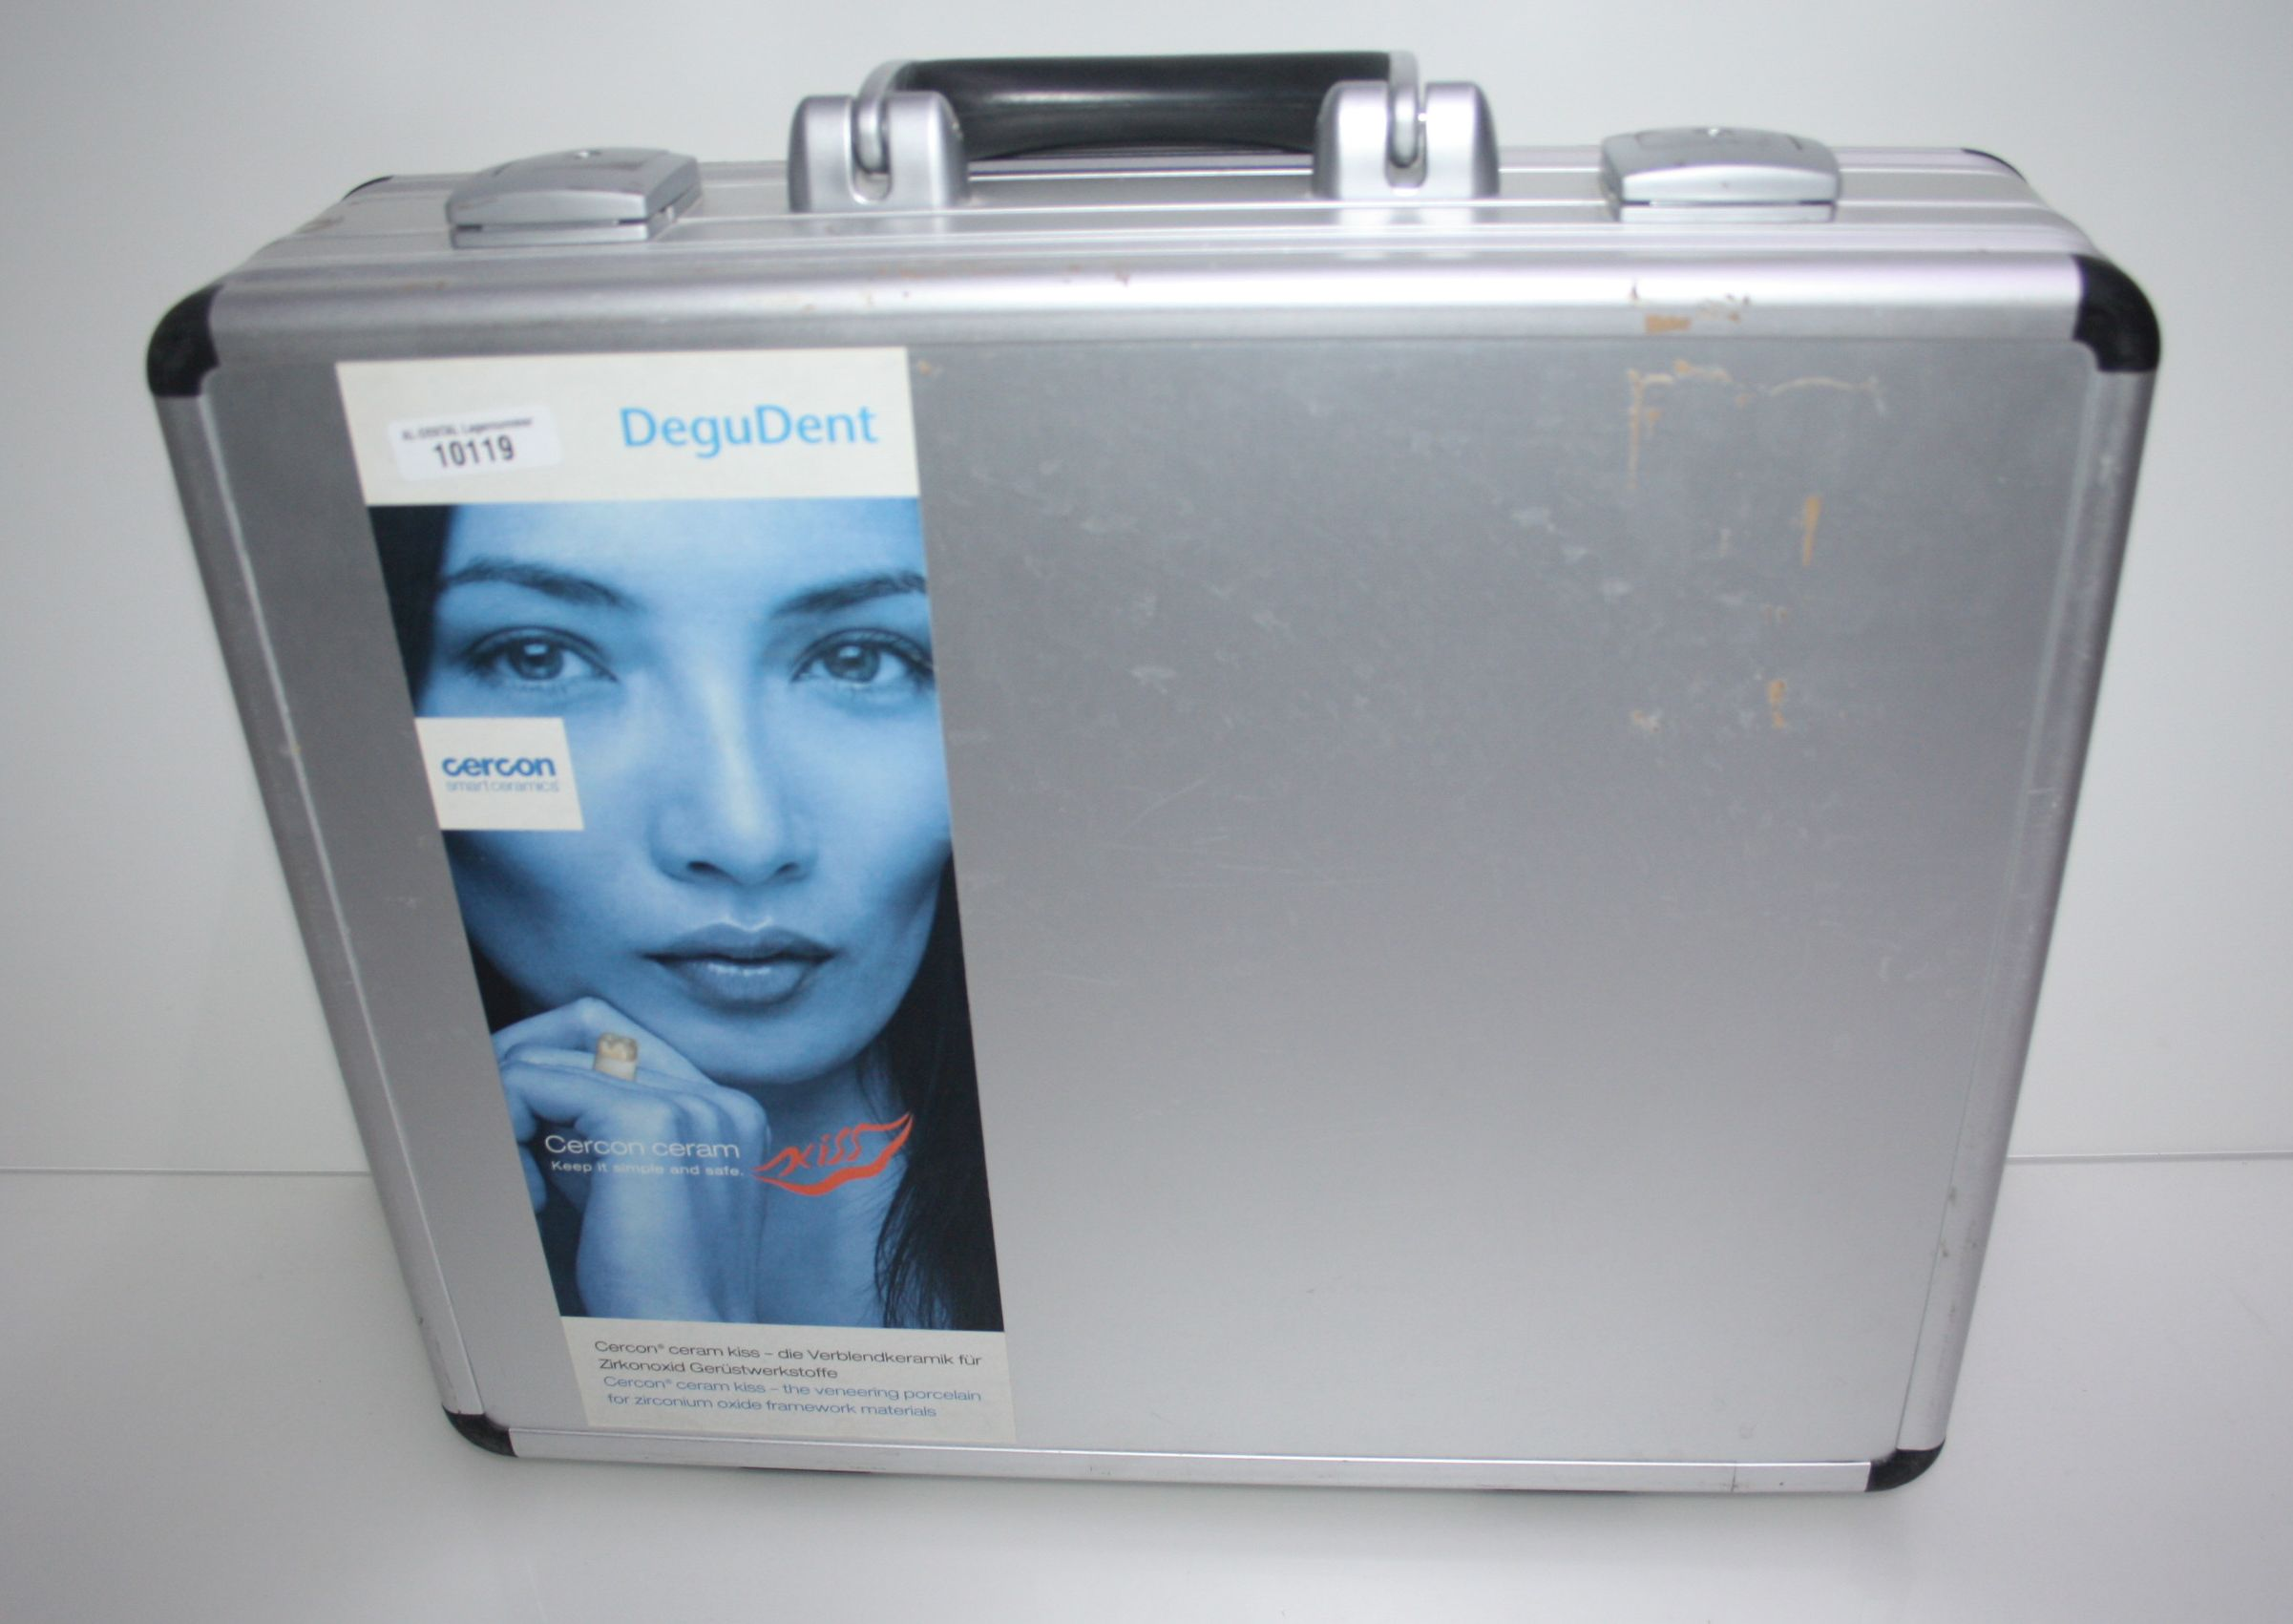 DeguDent CerconCeram Kiss Keramikmassen / Dentalkeramik # 10119